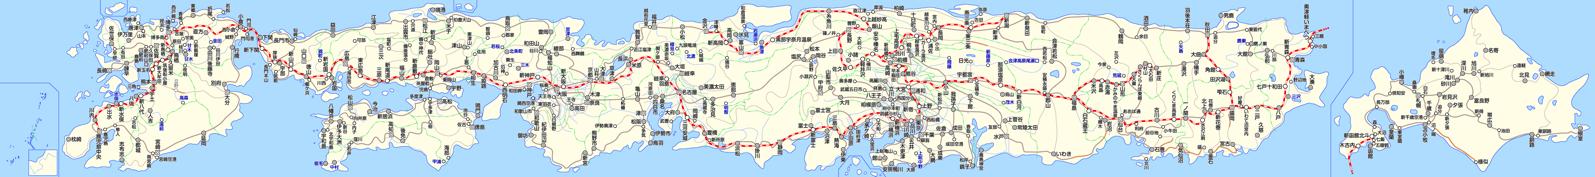 旧路線図(全国)